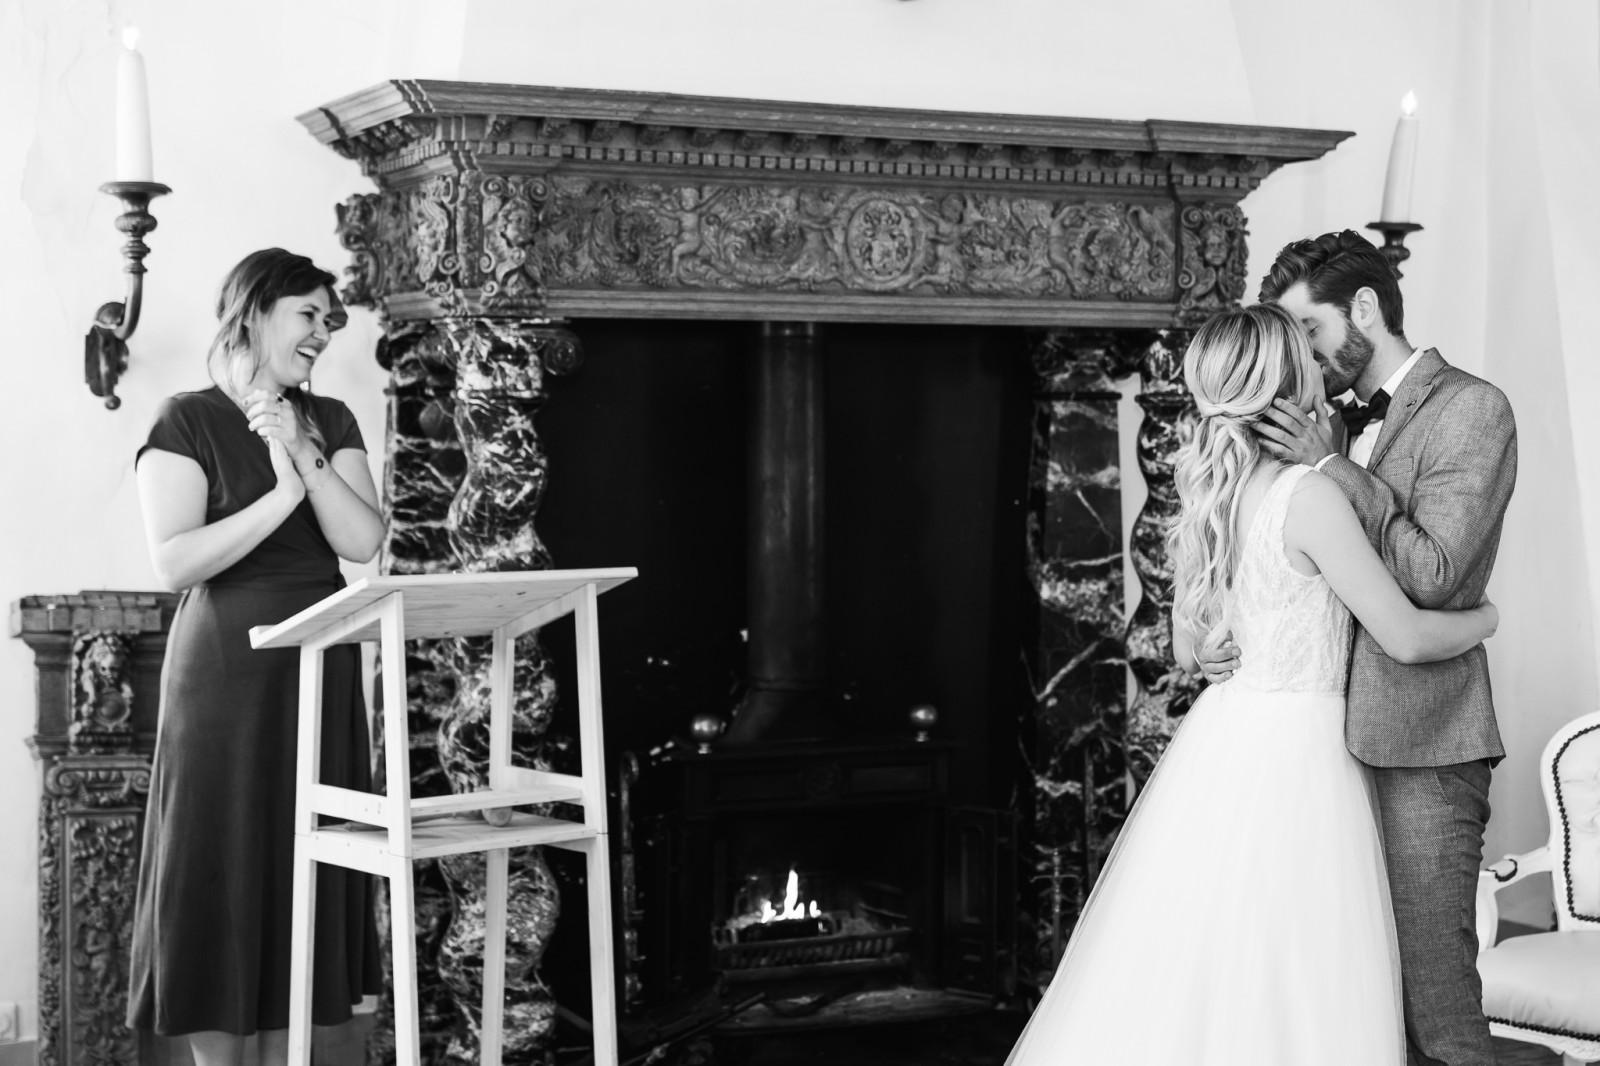 Huwelijksceremonie met Babs Anneloes v.d. Kolk